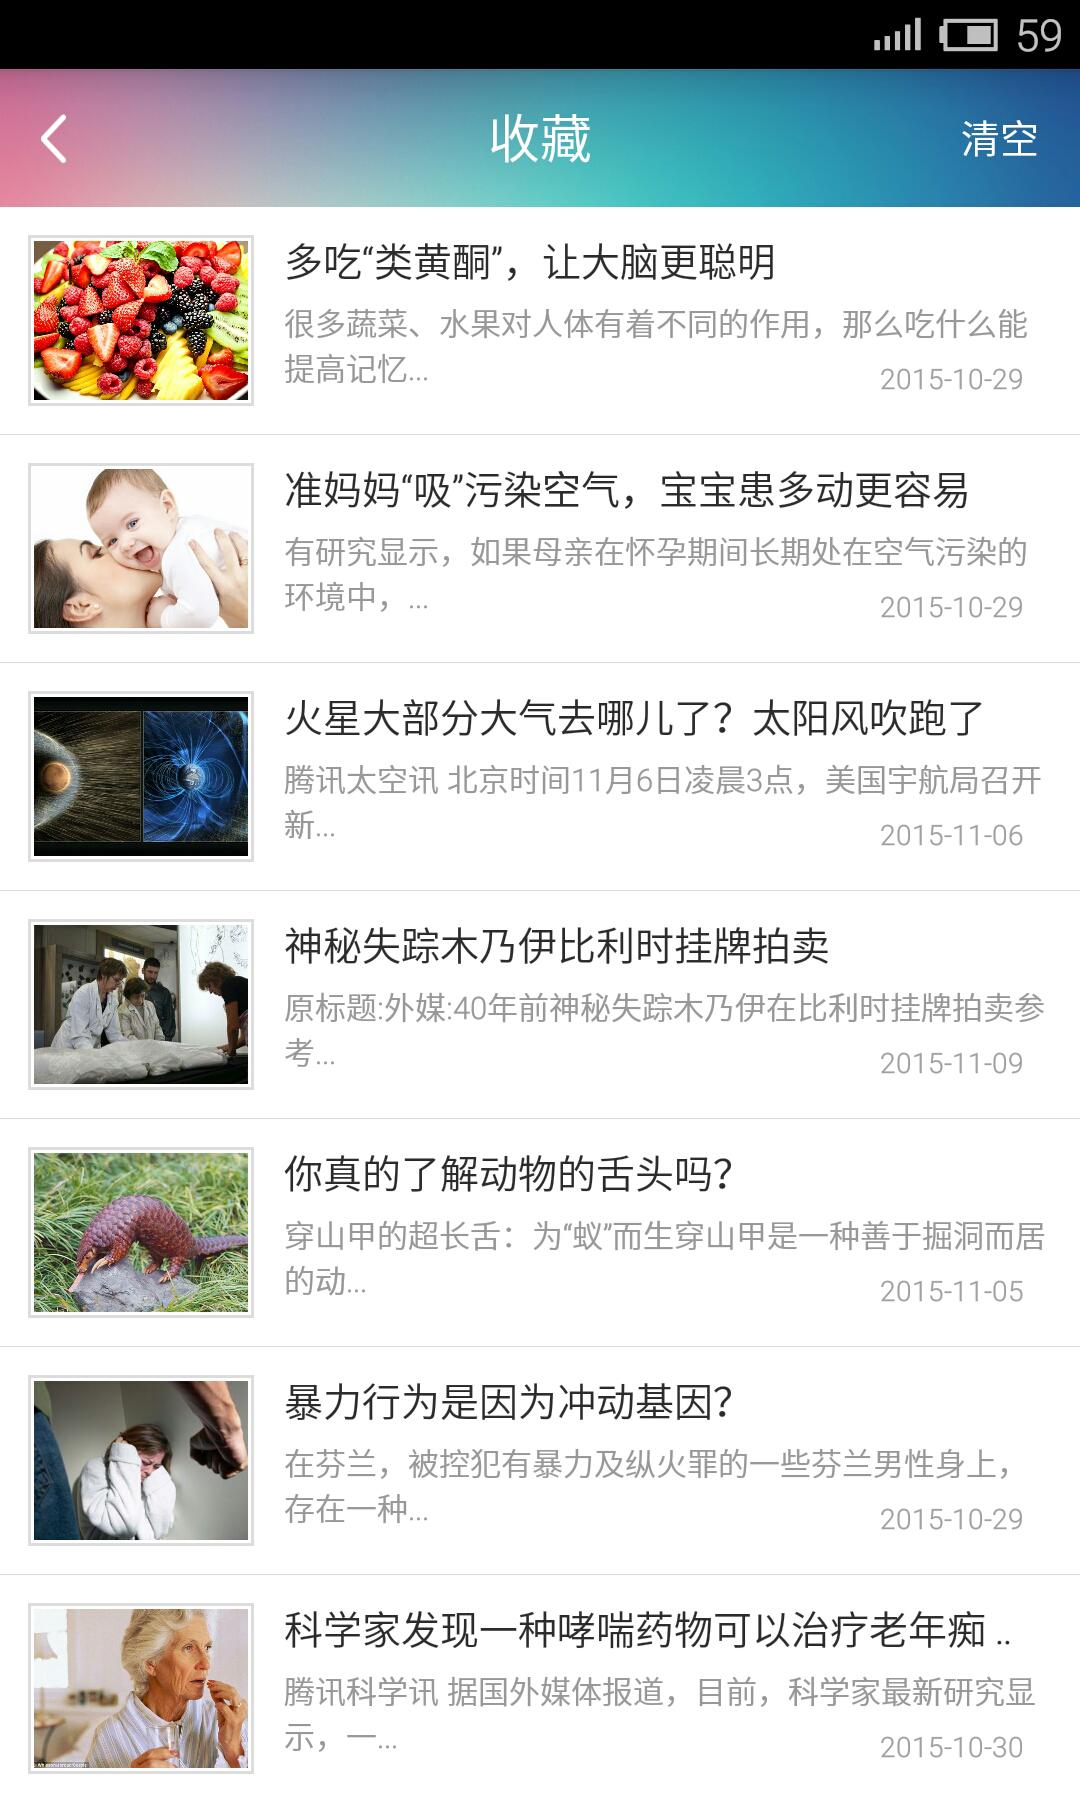 炫彩科普中国-应用截图